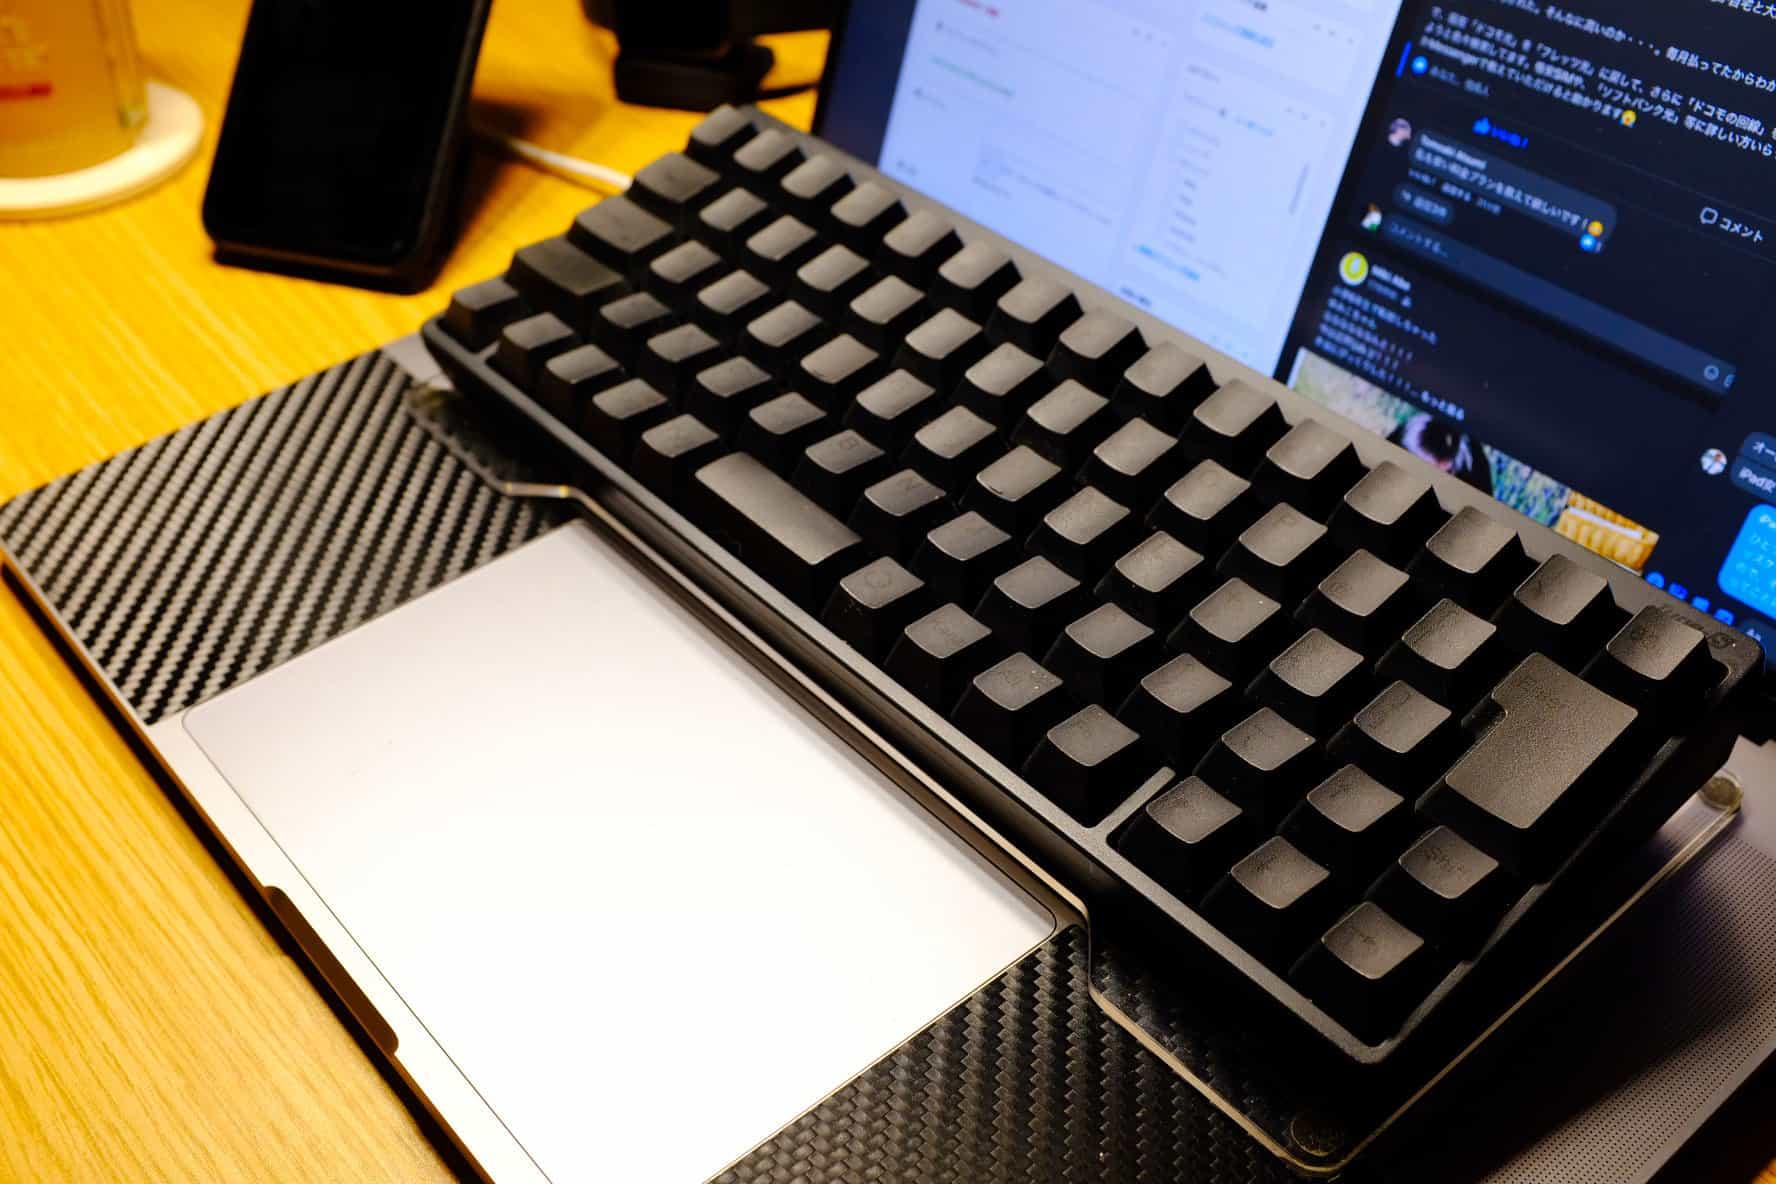 MacBookをカタカタとタイピングしている自分ってカッコよくね?